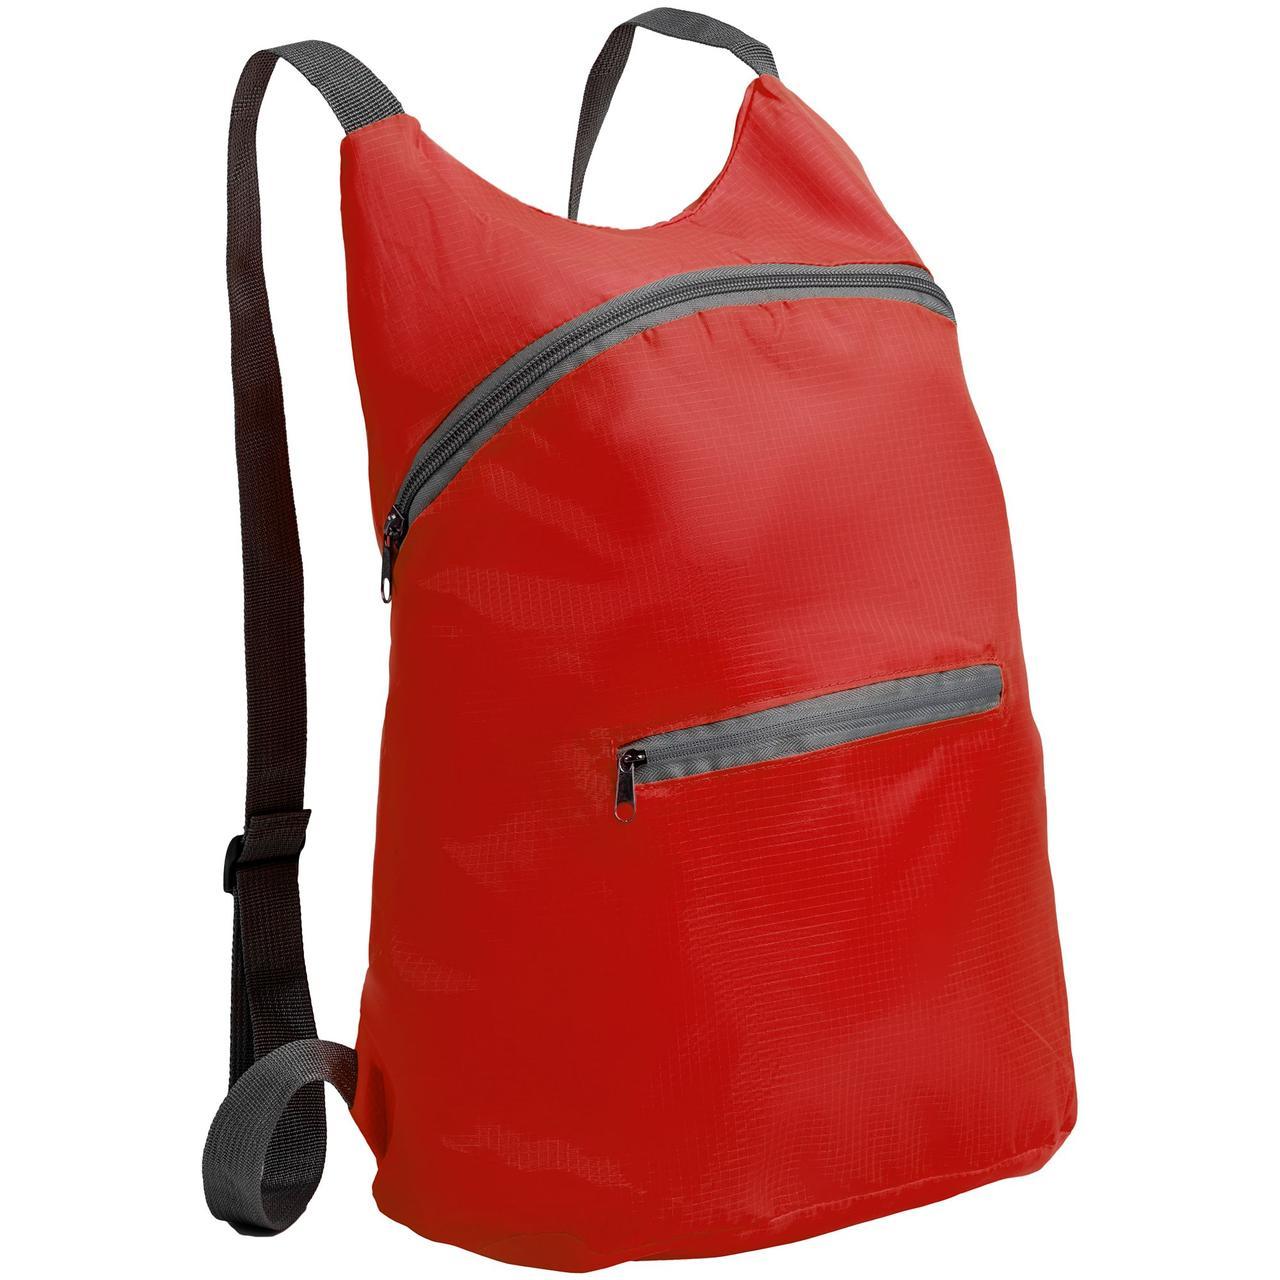 Складной рюкзак Barcelona, красный (артикул 12672.50)